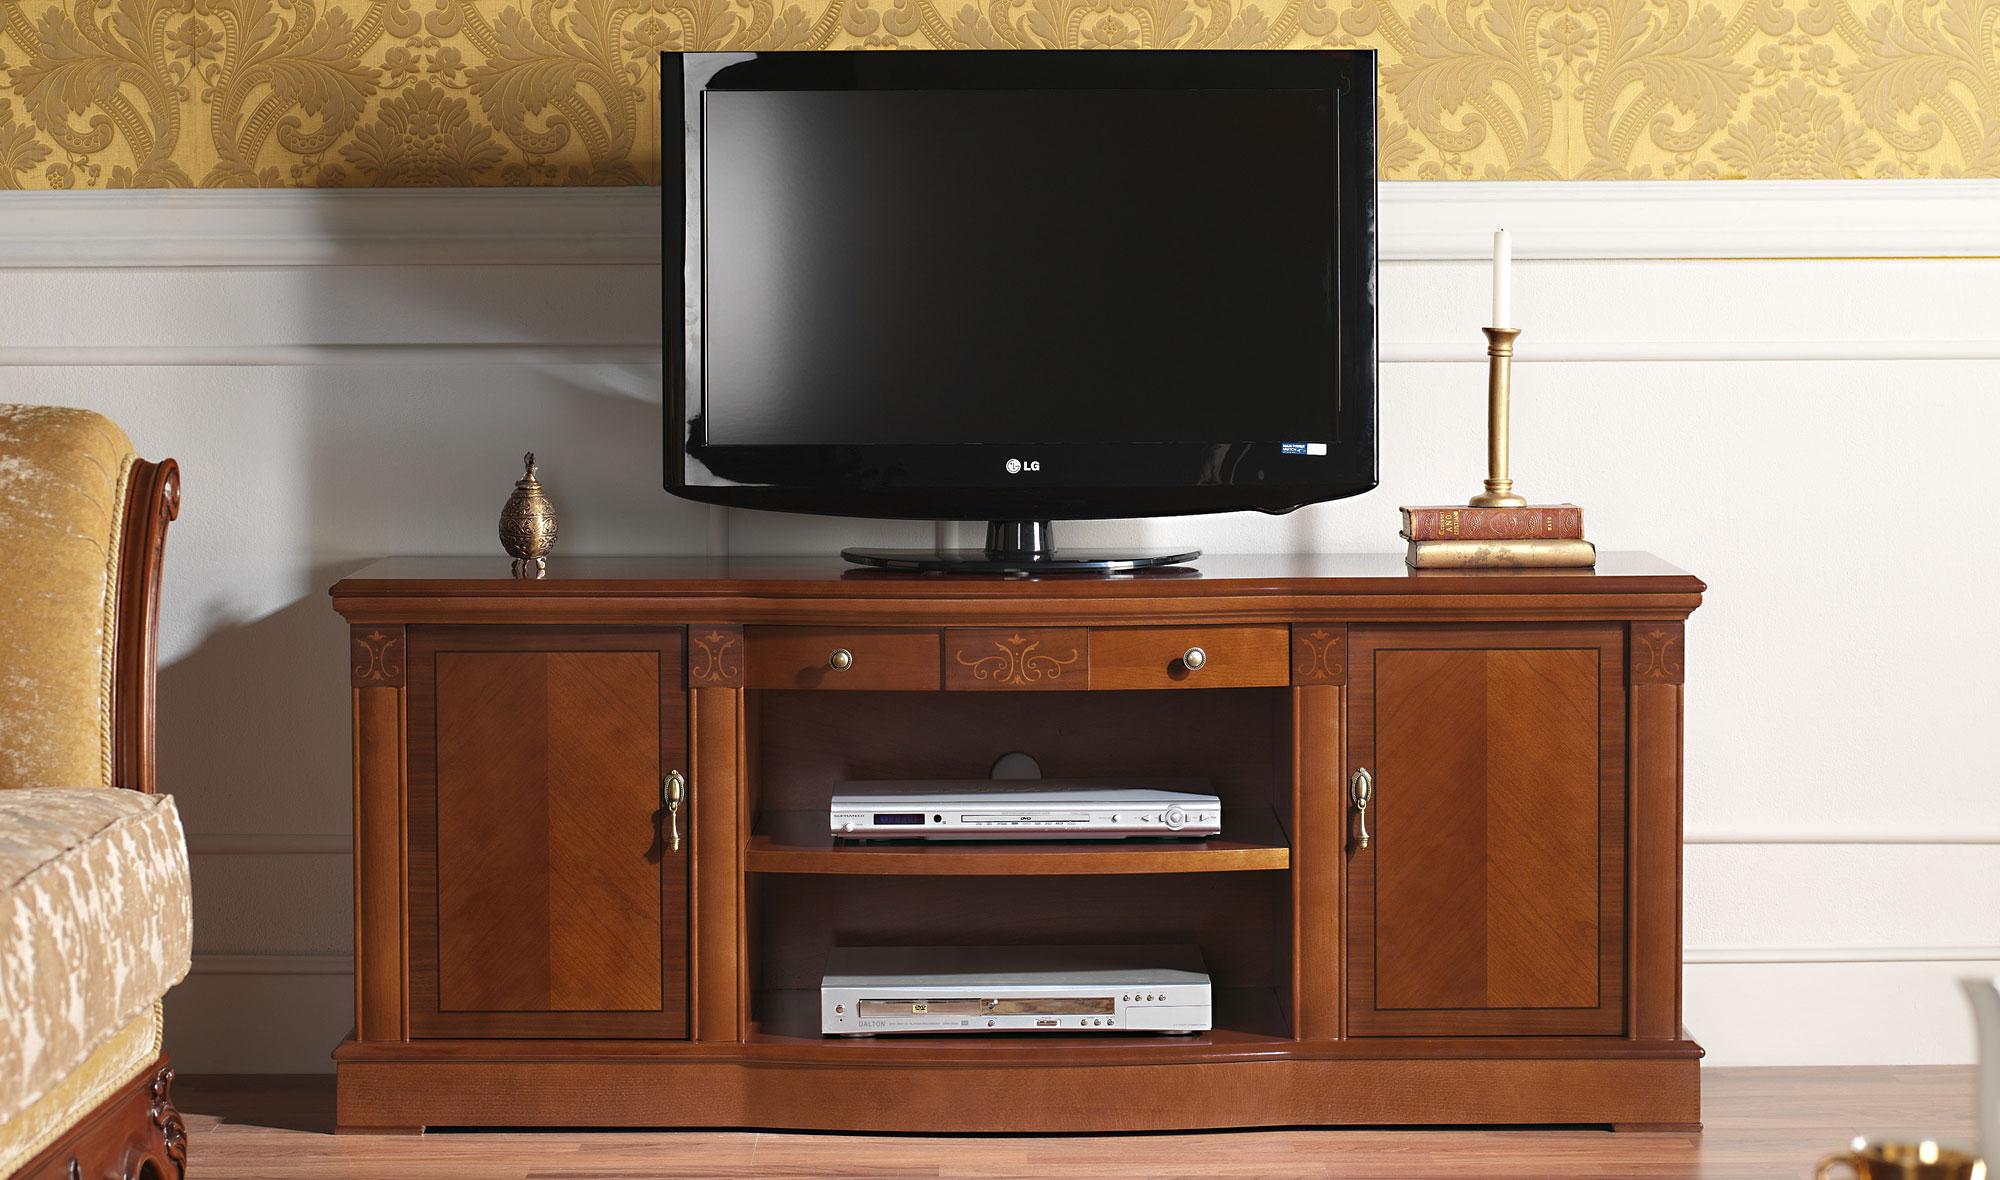 Mueble Tv Cl Sico Ivry En Cosas De Arquitectoscosas De Arquitectos # Muebles Tocadiscos